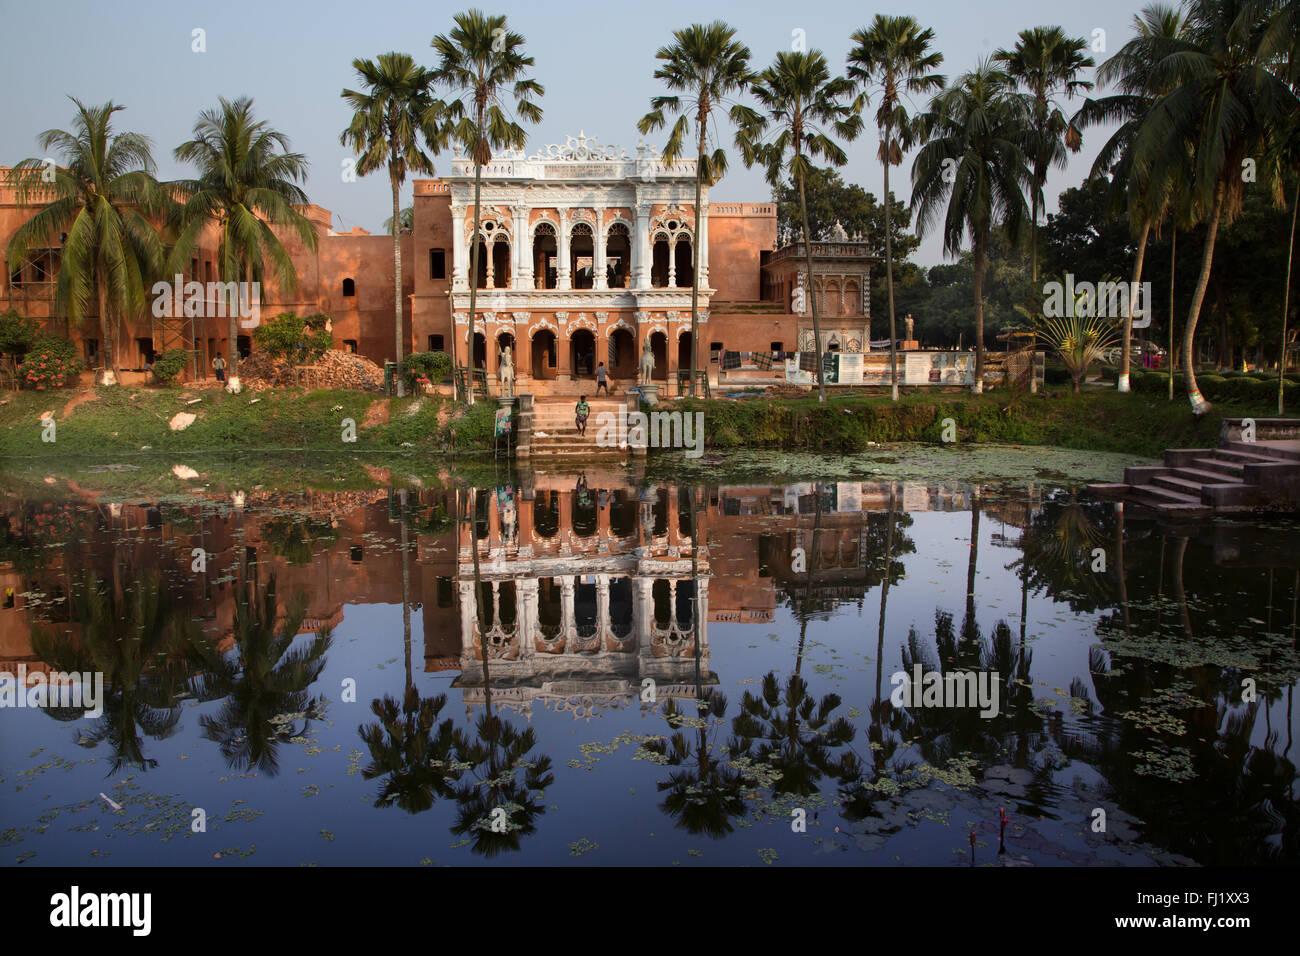 Sadarbari mansion in Sonargaon , Bangladesh - Stock Image